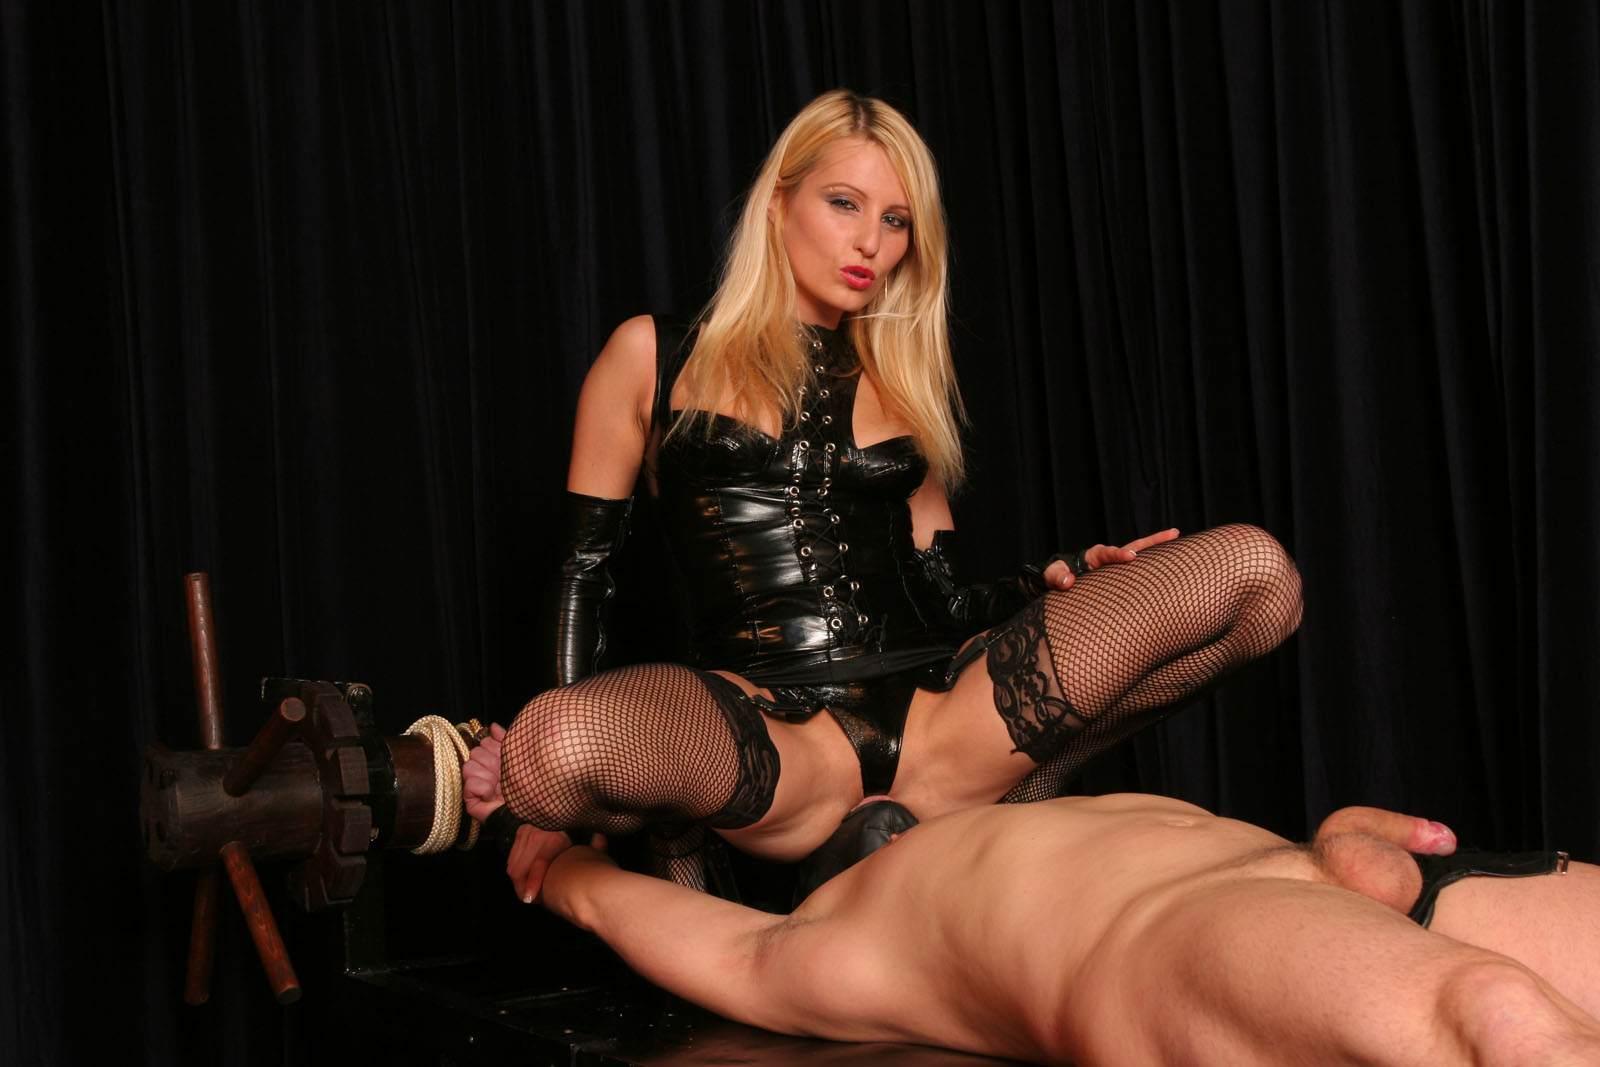 Русское порно как госпожа унижает раба, Русская Госпожа Раб (найдено 51 порно видео роликов) 1 фотография